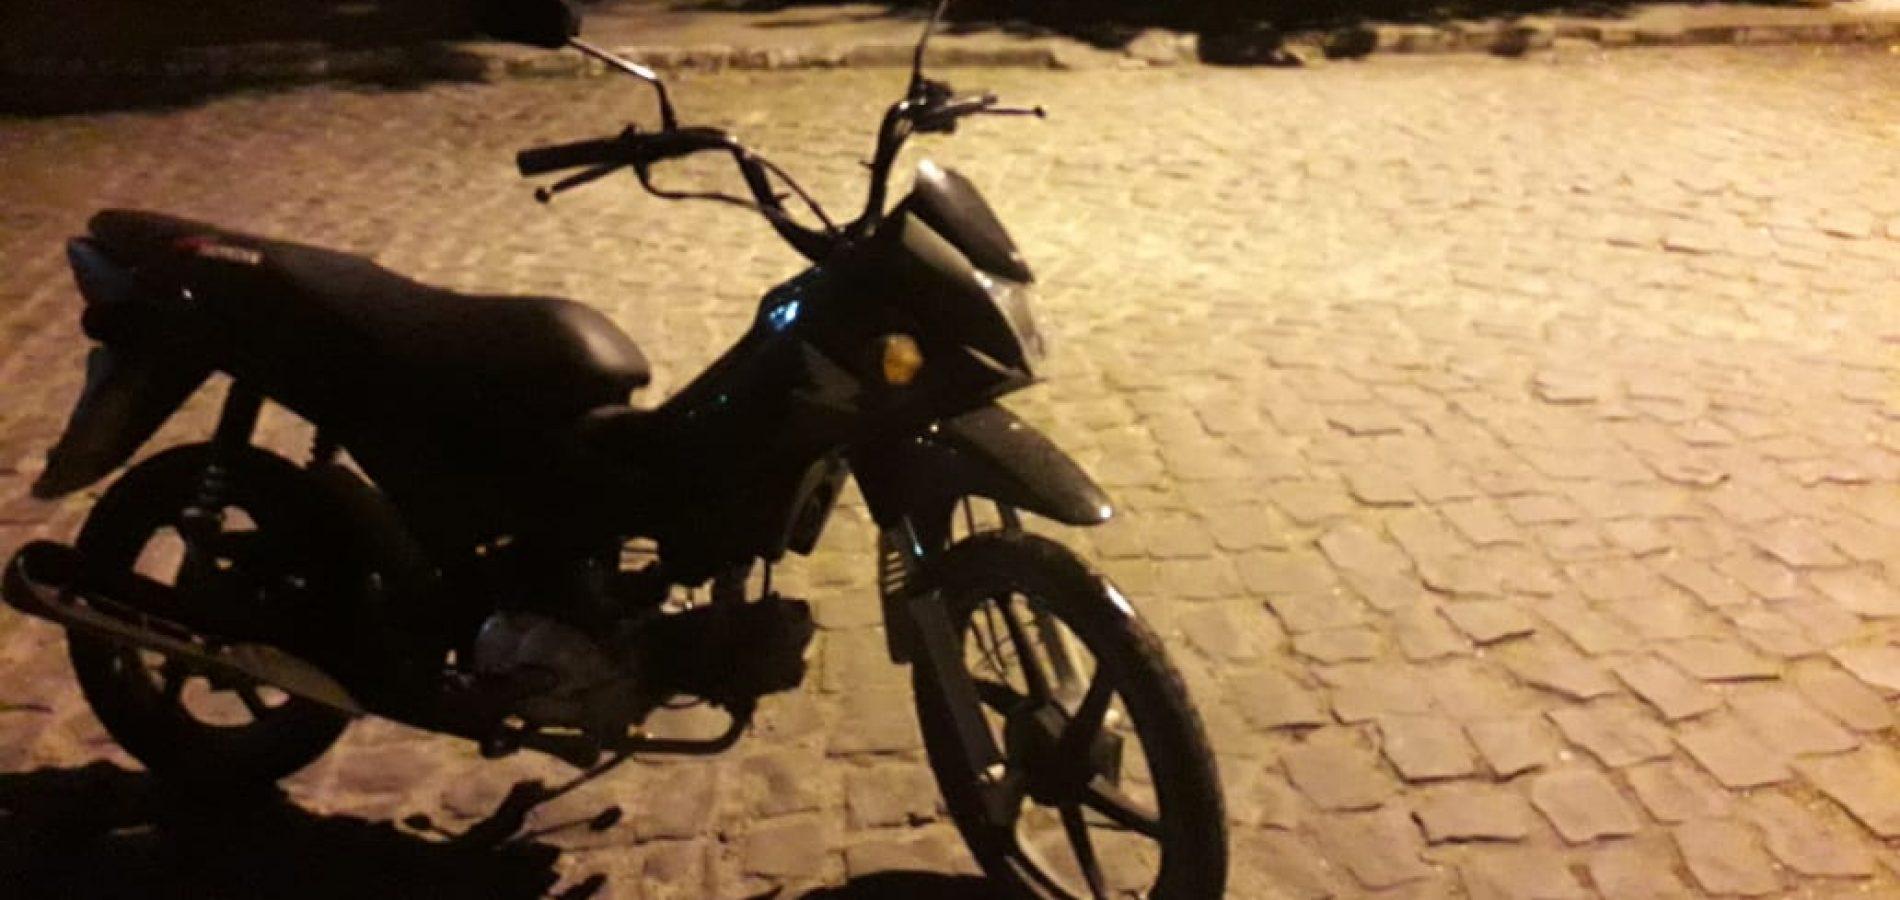 Jovem é preso em Jaicós acusado de furtar motocicleta e celular